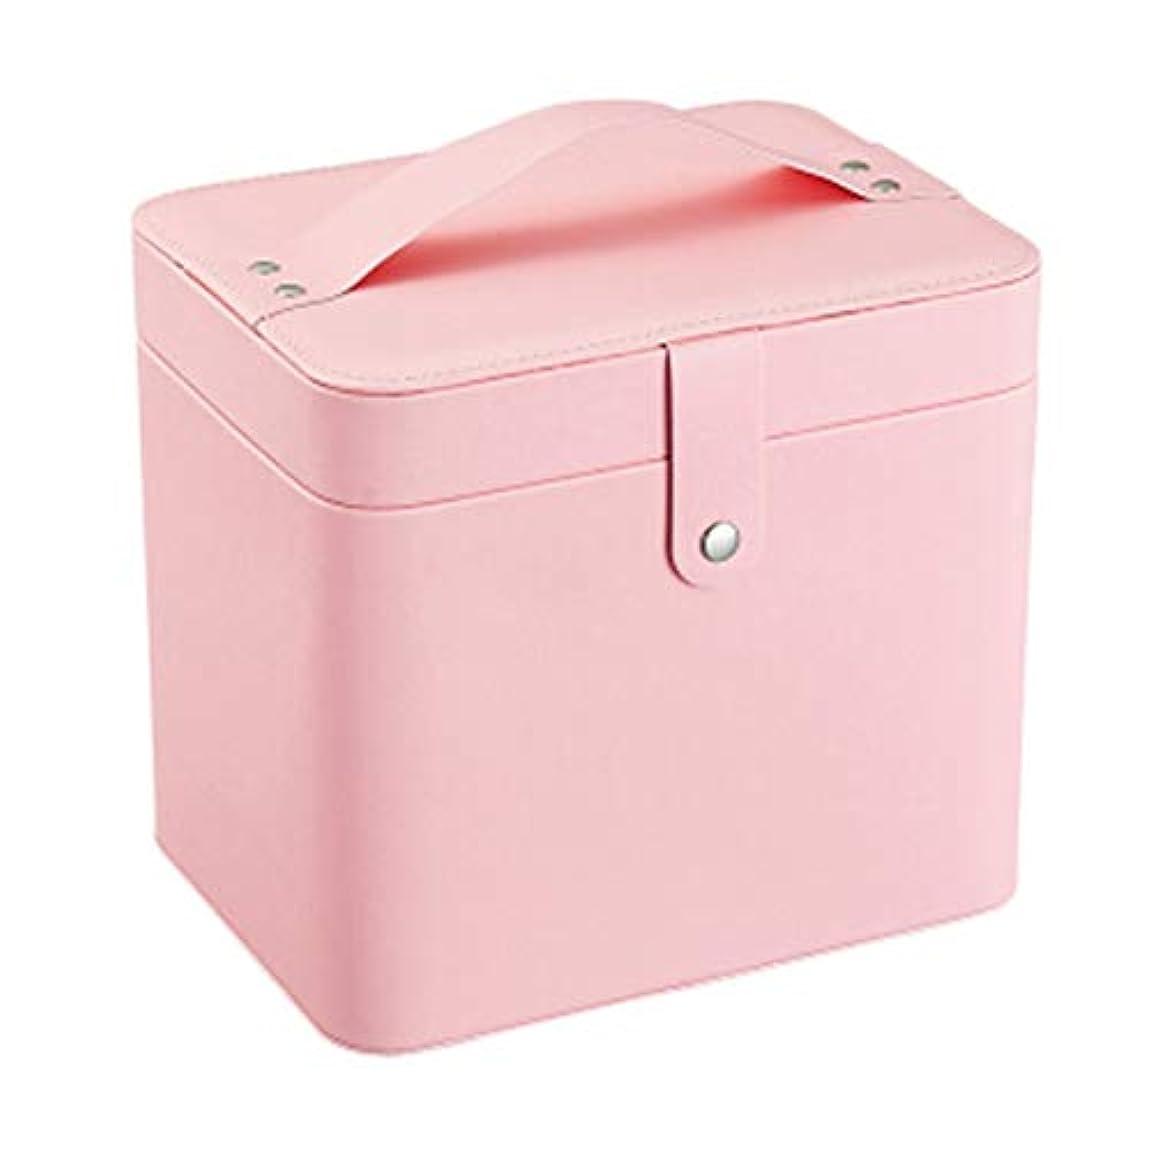 やさしく匹敵します過度に化粧オーガナイザーバッグ 化粧鏡で小さなものの種類の旅行のための美容メイクアップのためのピンクのポータブル化粧品バッグ 化粧品ケース